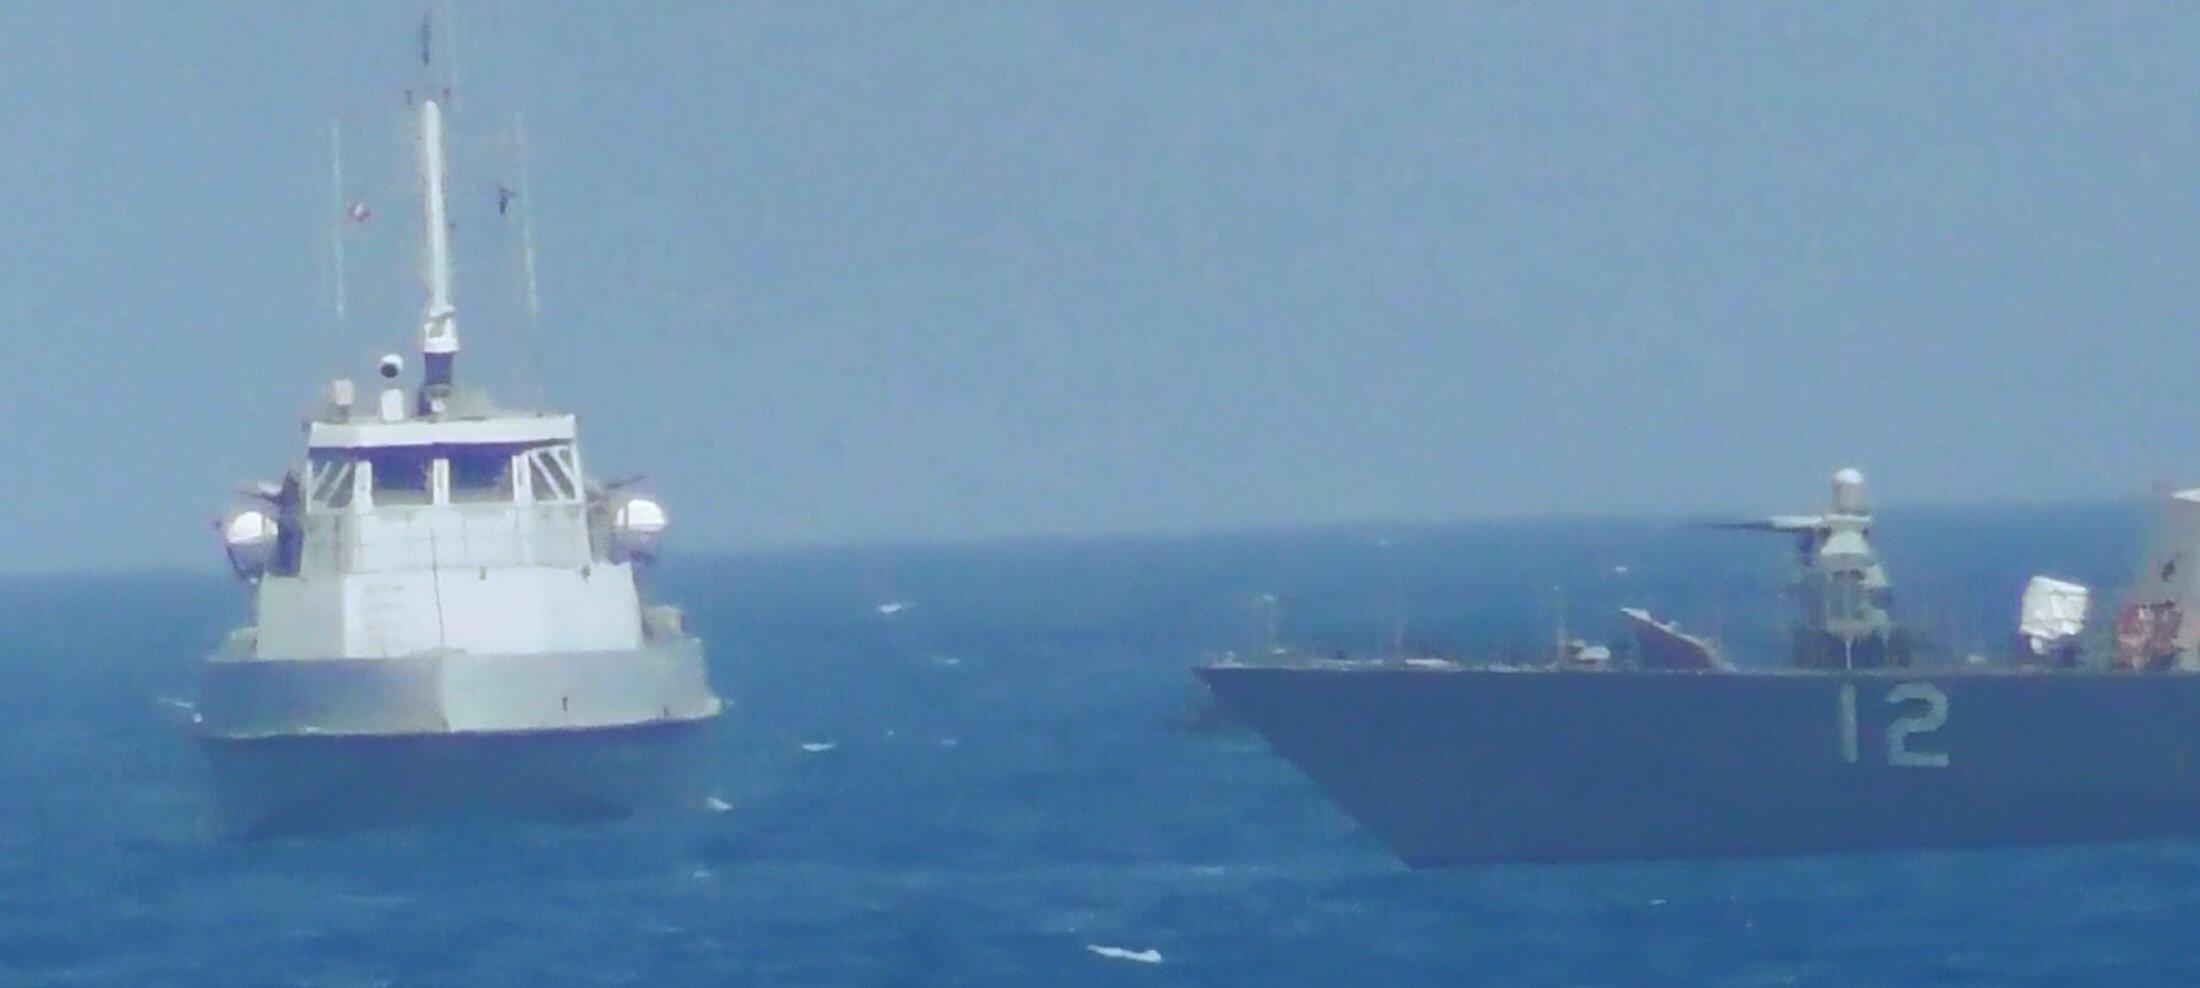 این عکس از ویدئوی نیروی دریایی آمریکا استخراج شده و مربوط به حادثۀ روز ٢۵ ژوئیه ٢٠١٧ است